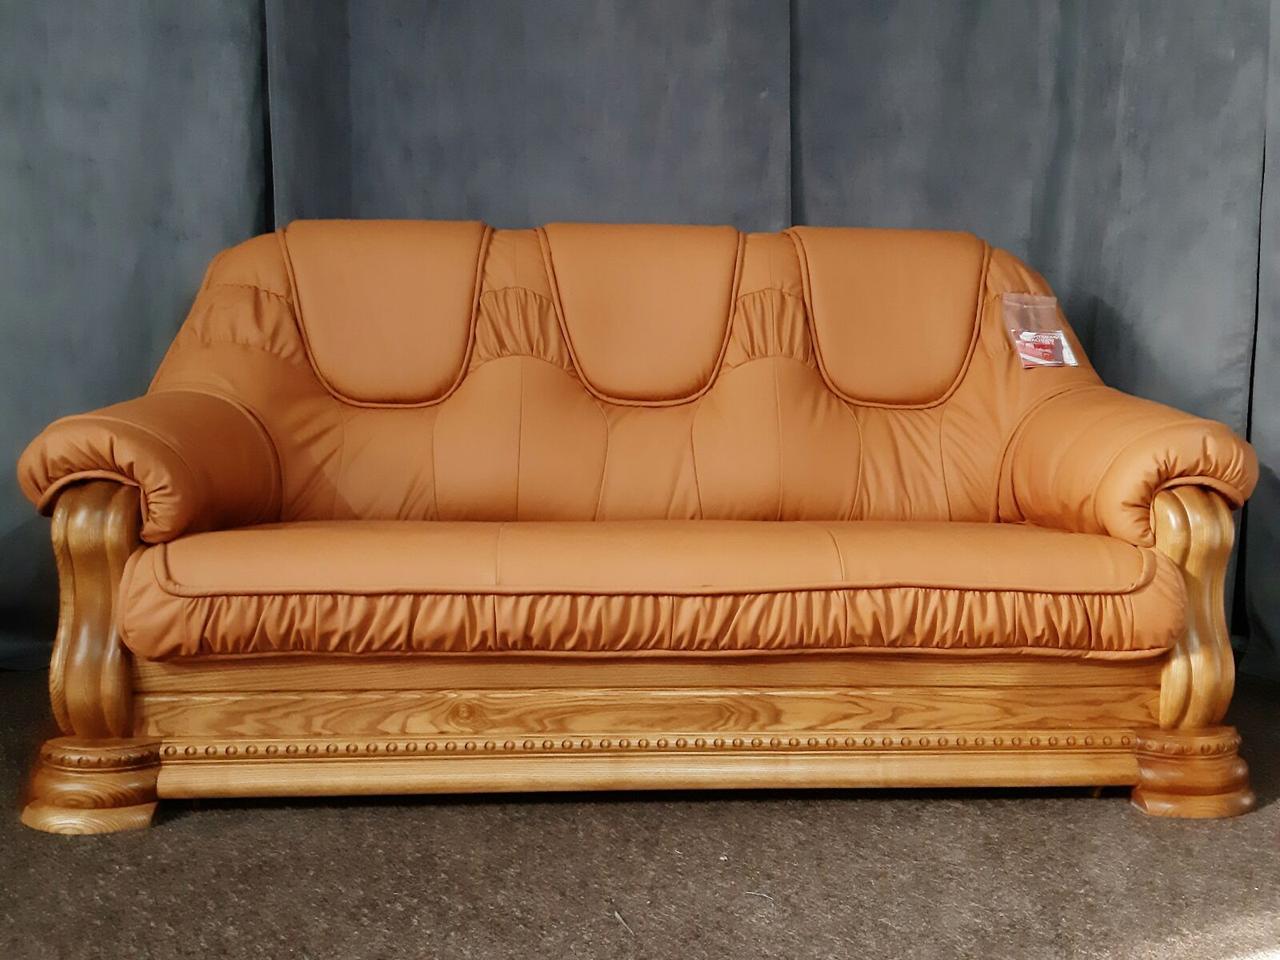 Кожаный диван Grizly, Гризли от производителя